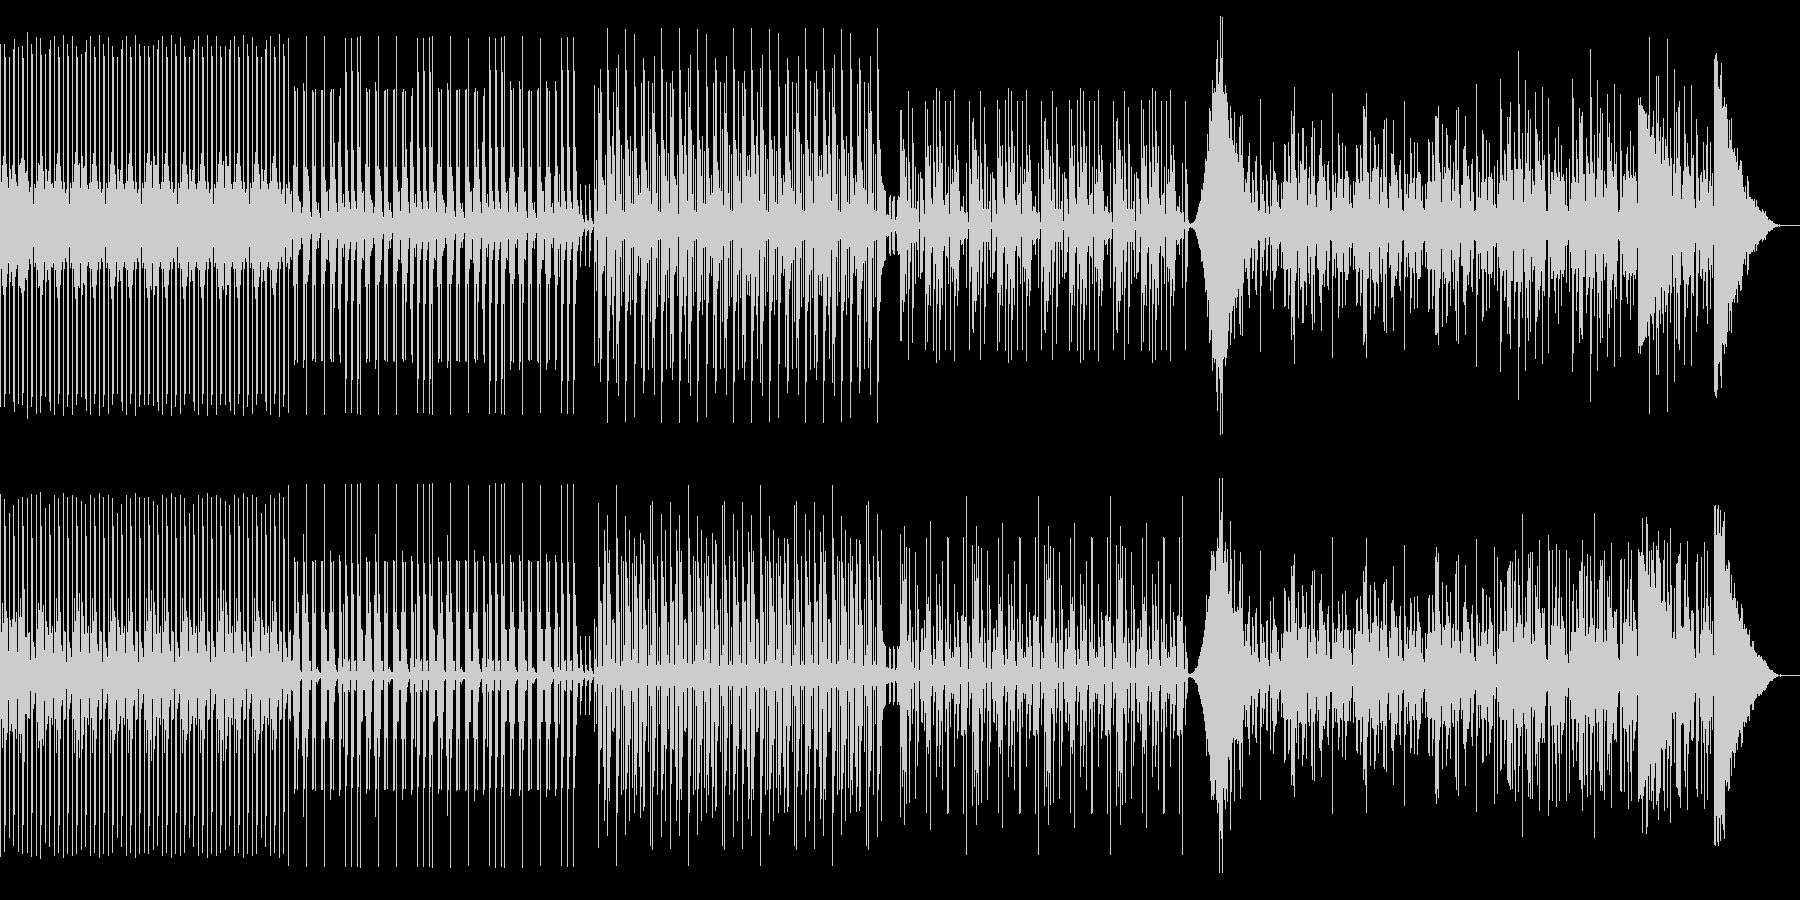 ドラム リズムのみ テクノやアフリカンの未再生の波形